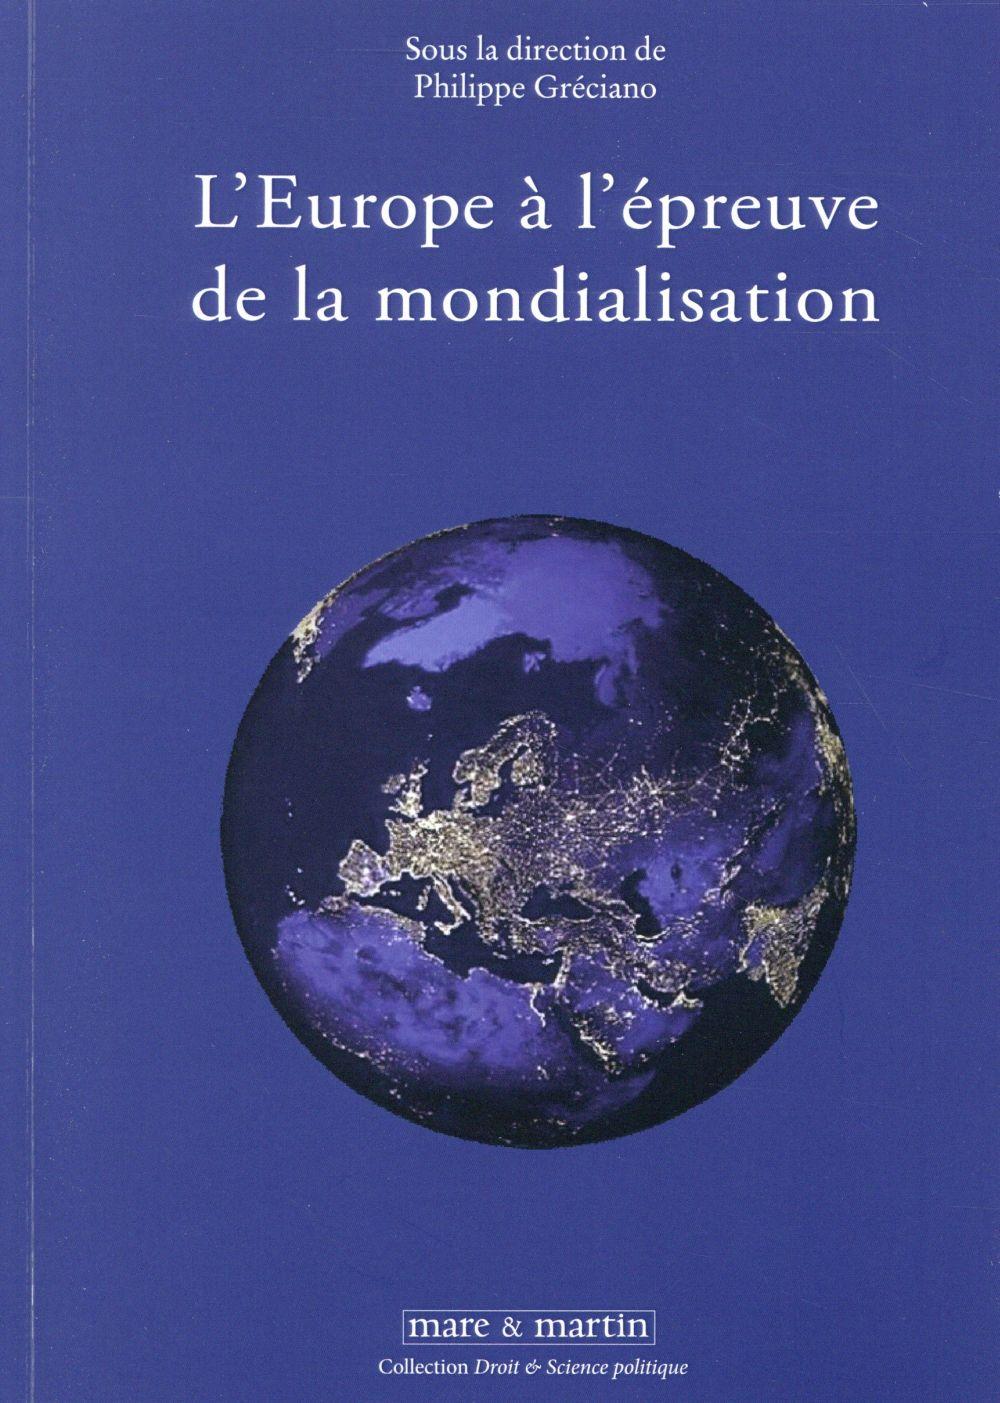 L'Europe à l'épreuve de la mondialisation